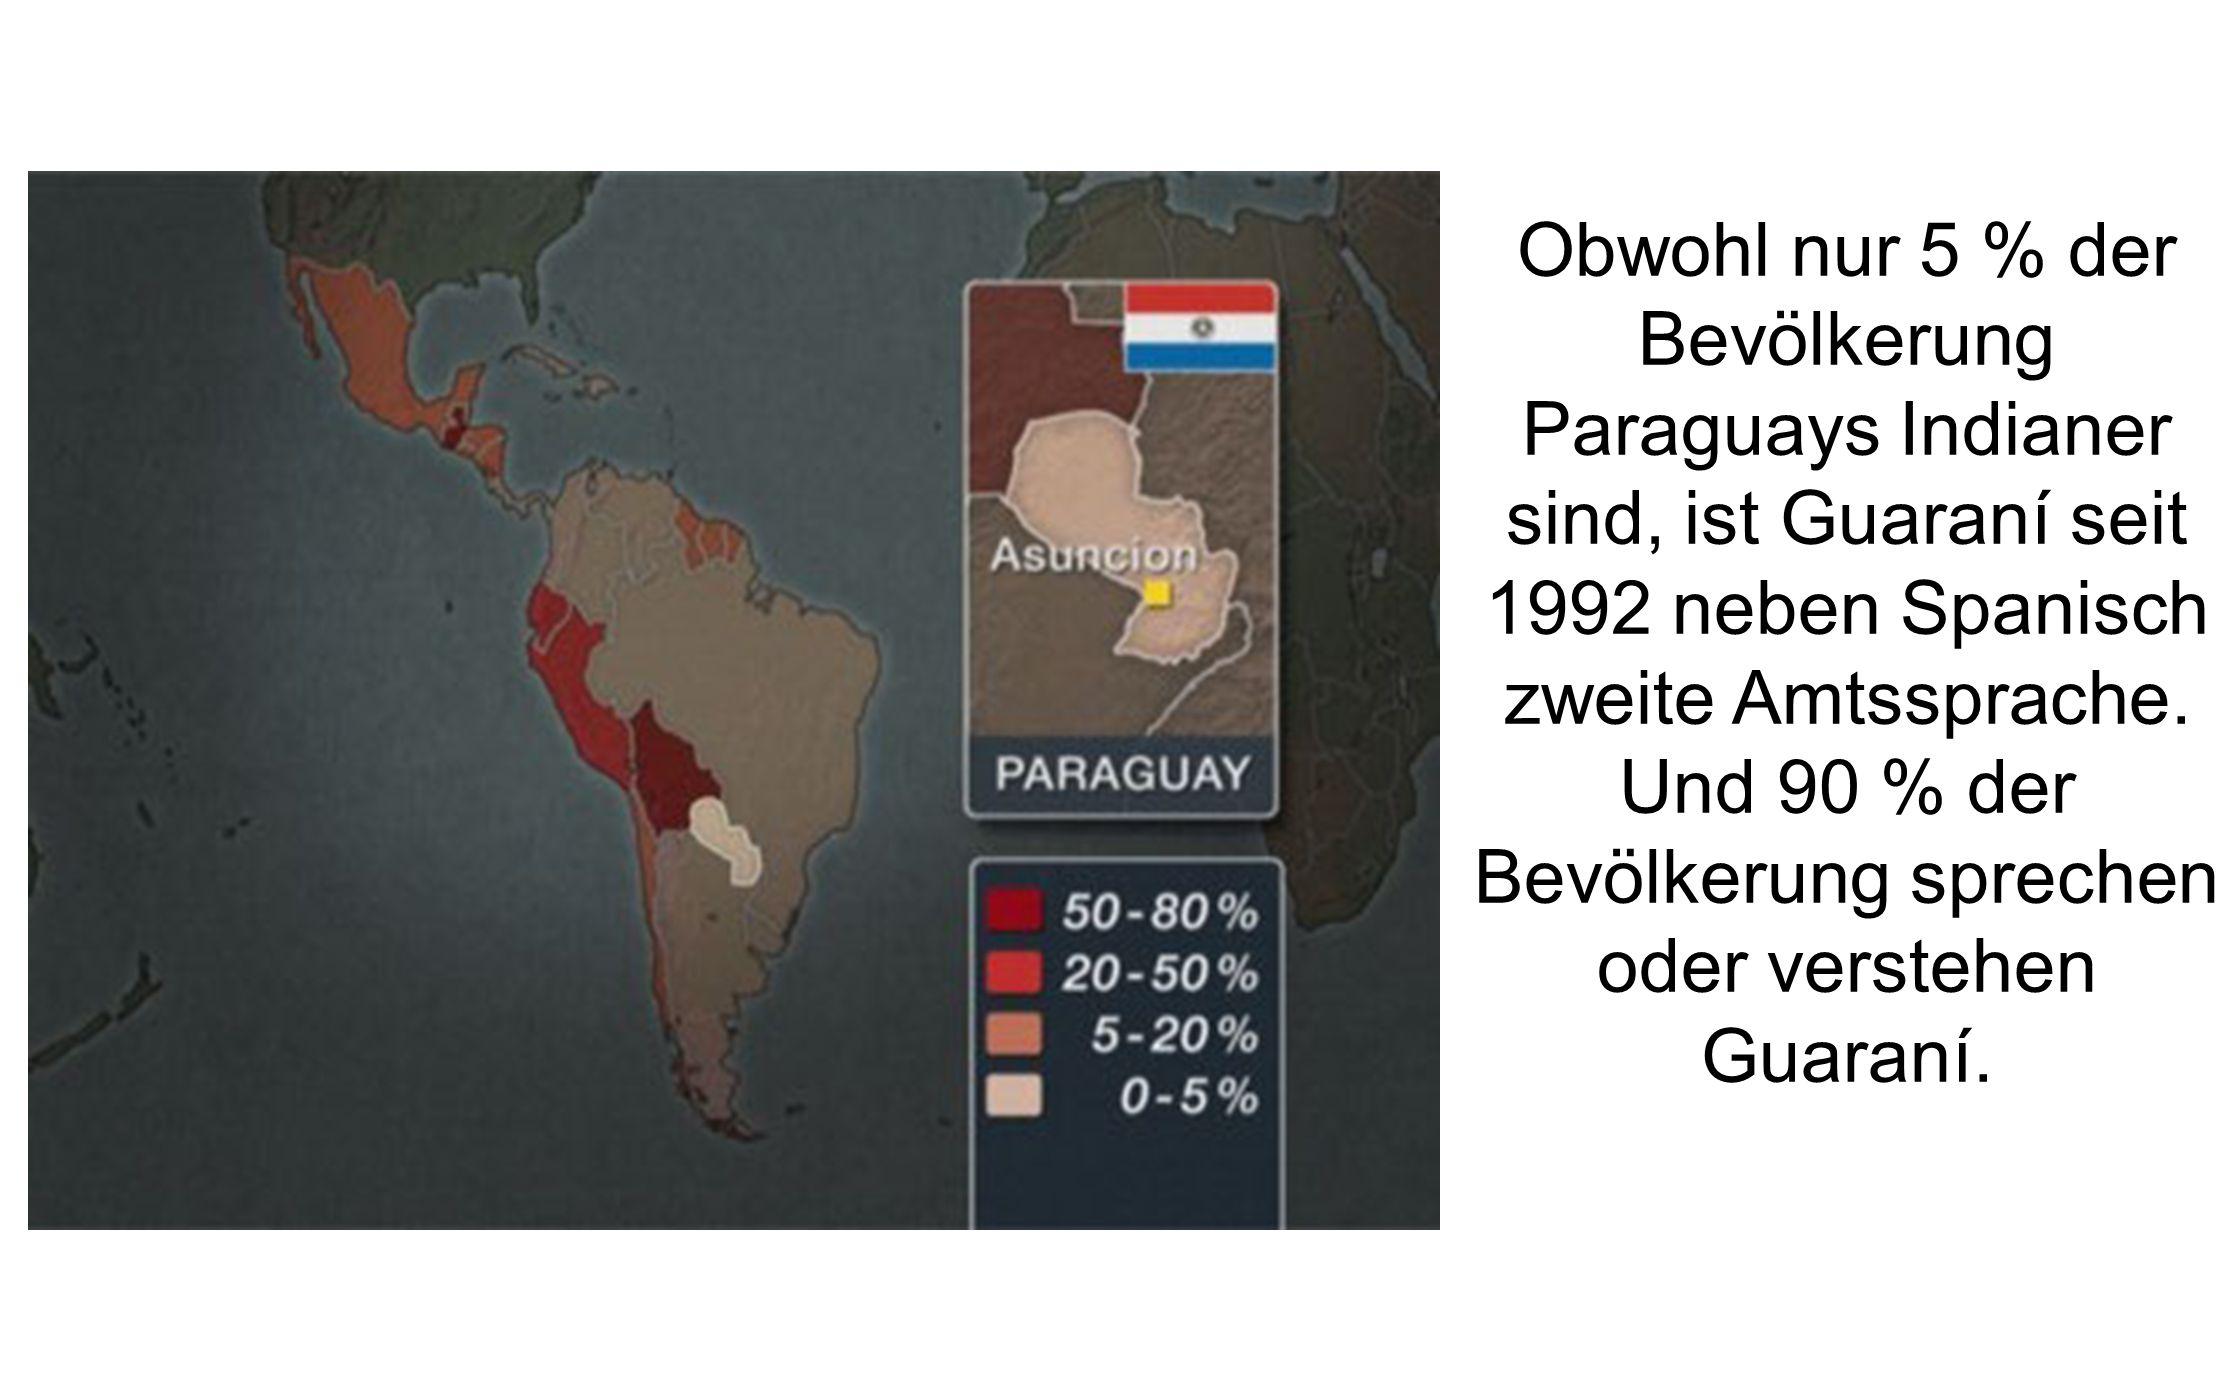 Obwohl nur 5 % der Bevölkerung Paraguays Indianer sind, ist Guaraní seit 1992 neben Spanisch zweite Amtssprache. Und 90 % der Bevölkerung sprechen ode